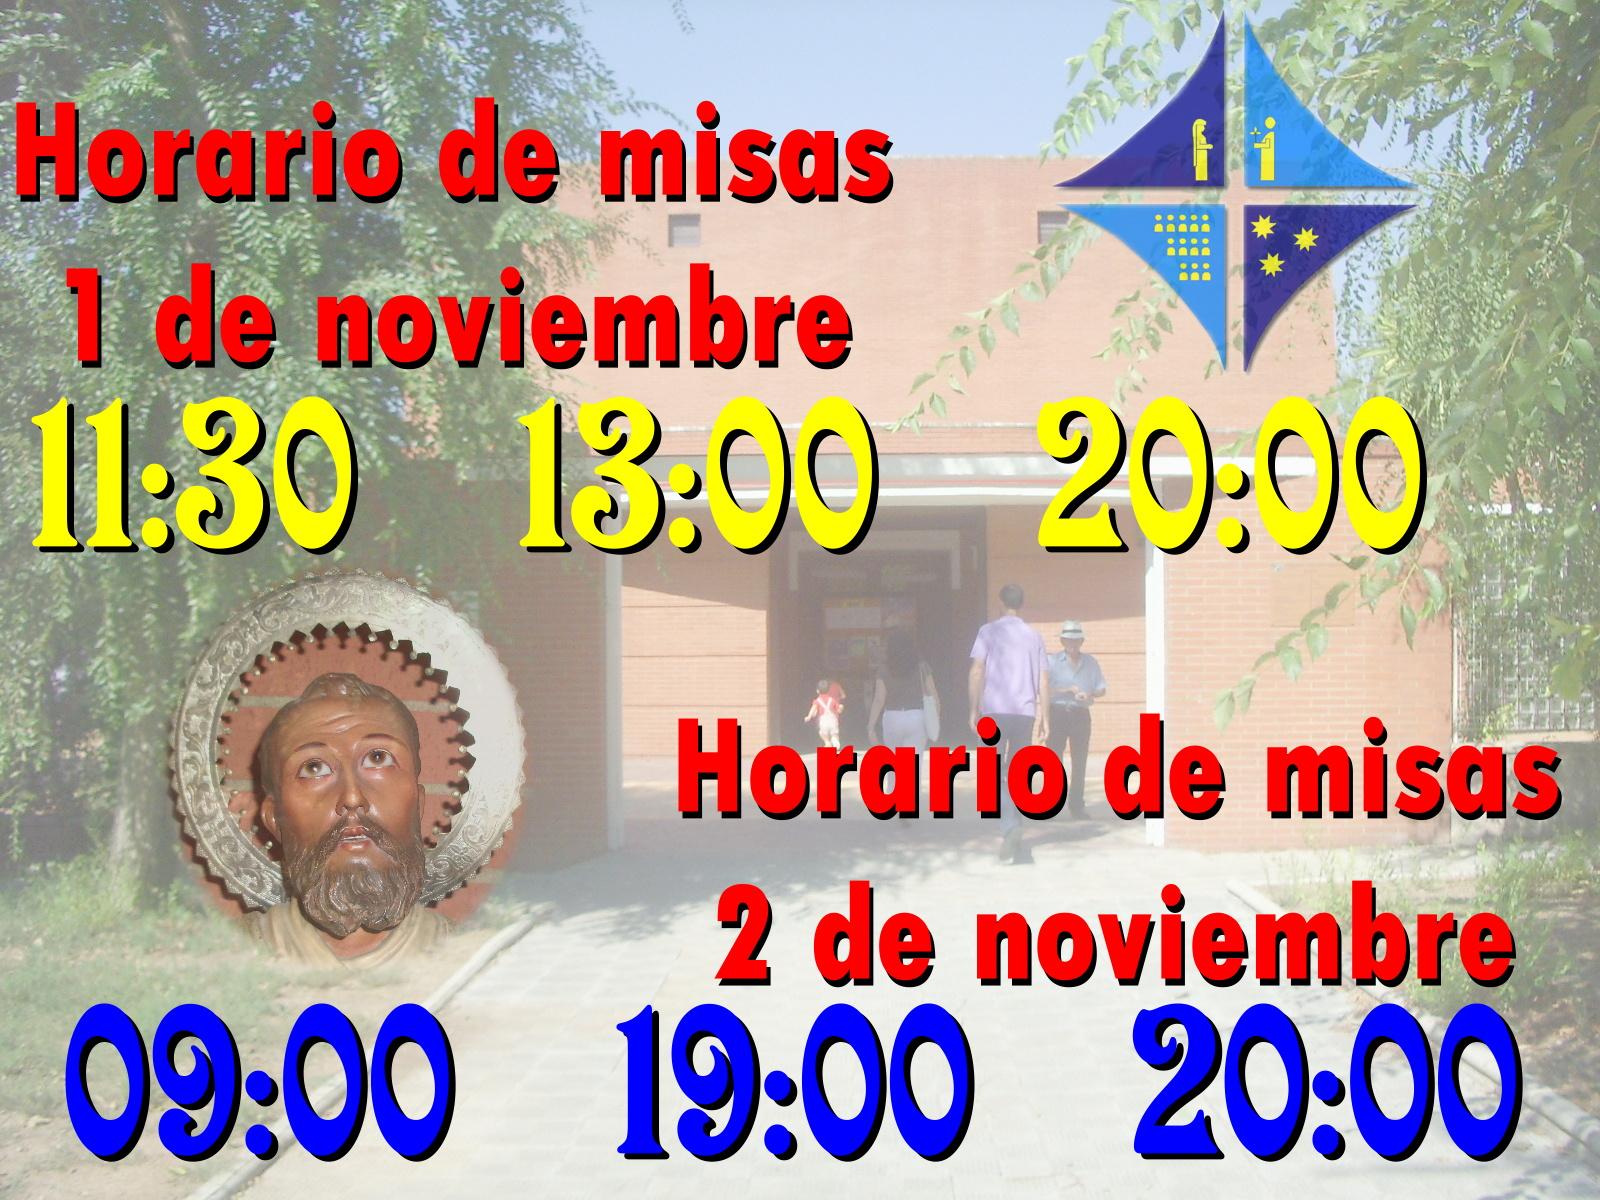 horario de misas en sevilla: